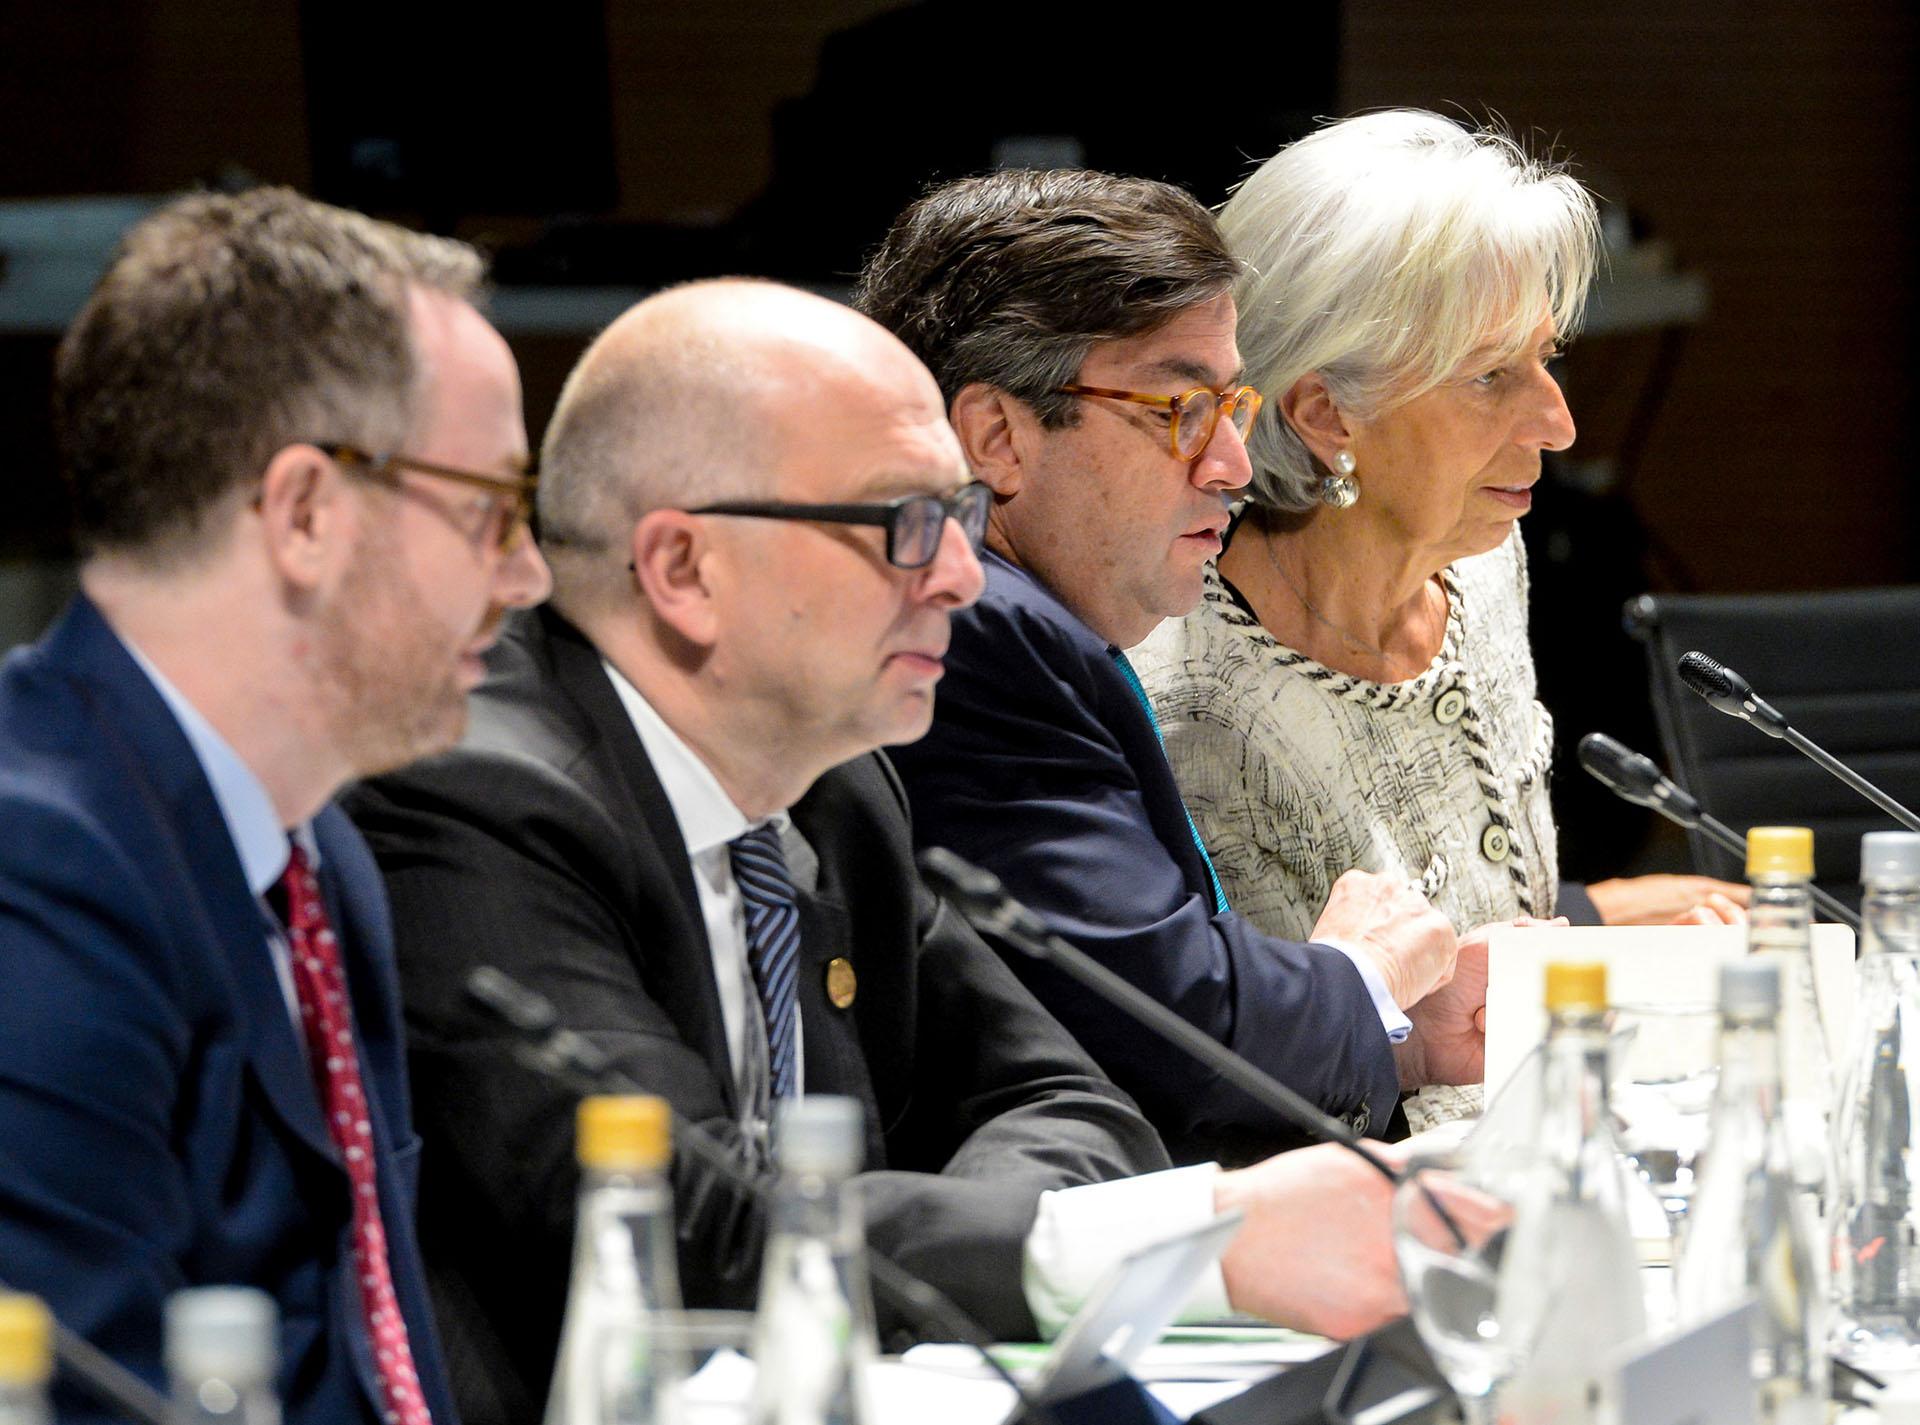 De derecha a izquierda: Christine Lagarde (derecha), directora del Fondo Monetario Internacional; Luis Alberto Moreno, presidente del Banco Interamericano de Desarrollo; y Roberto Cardarelli, economista jefe de la misión del Fondo para América Latina